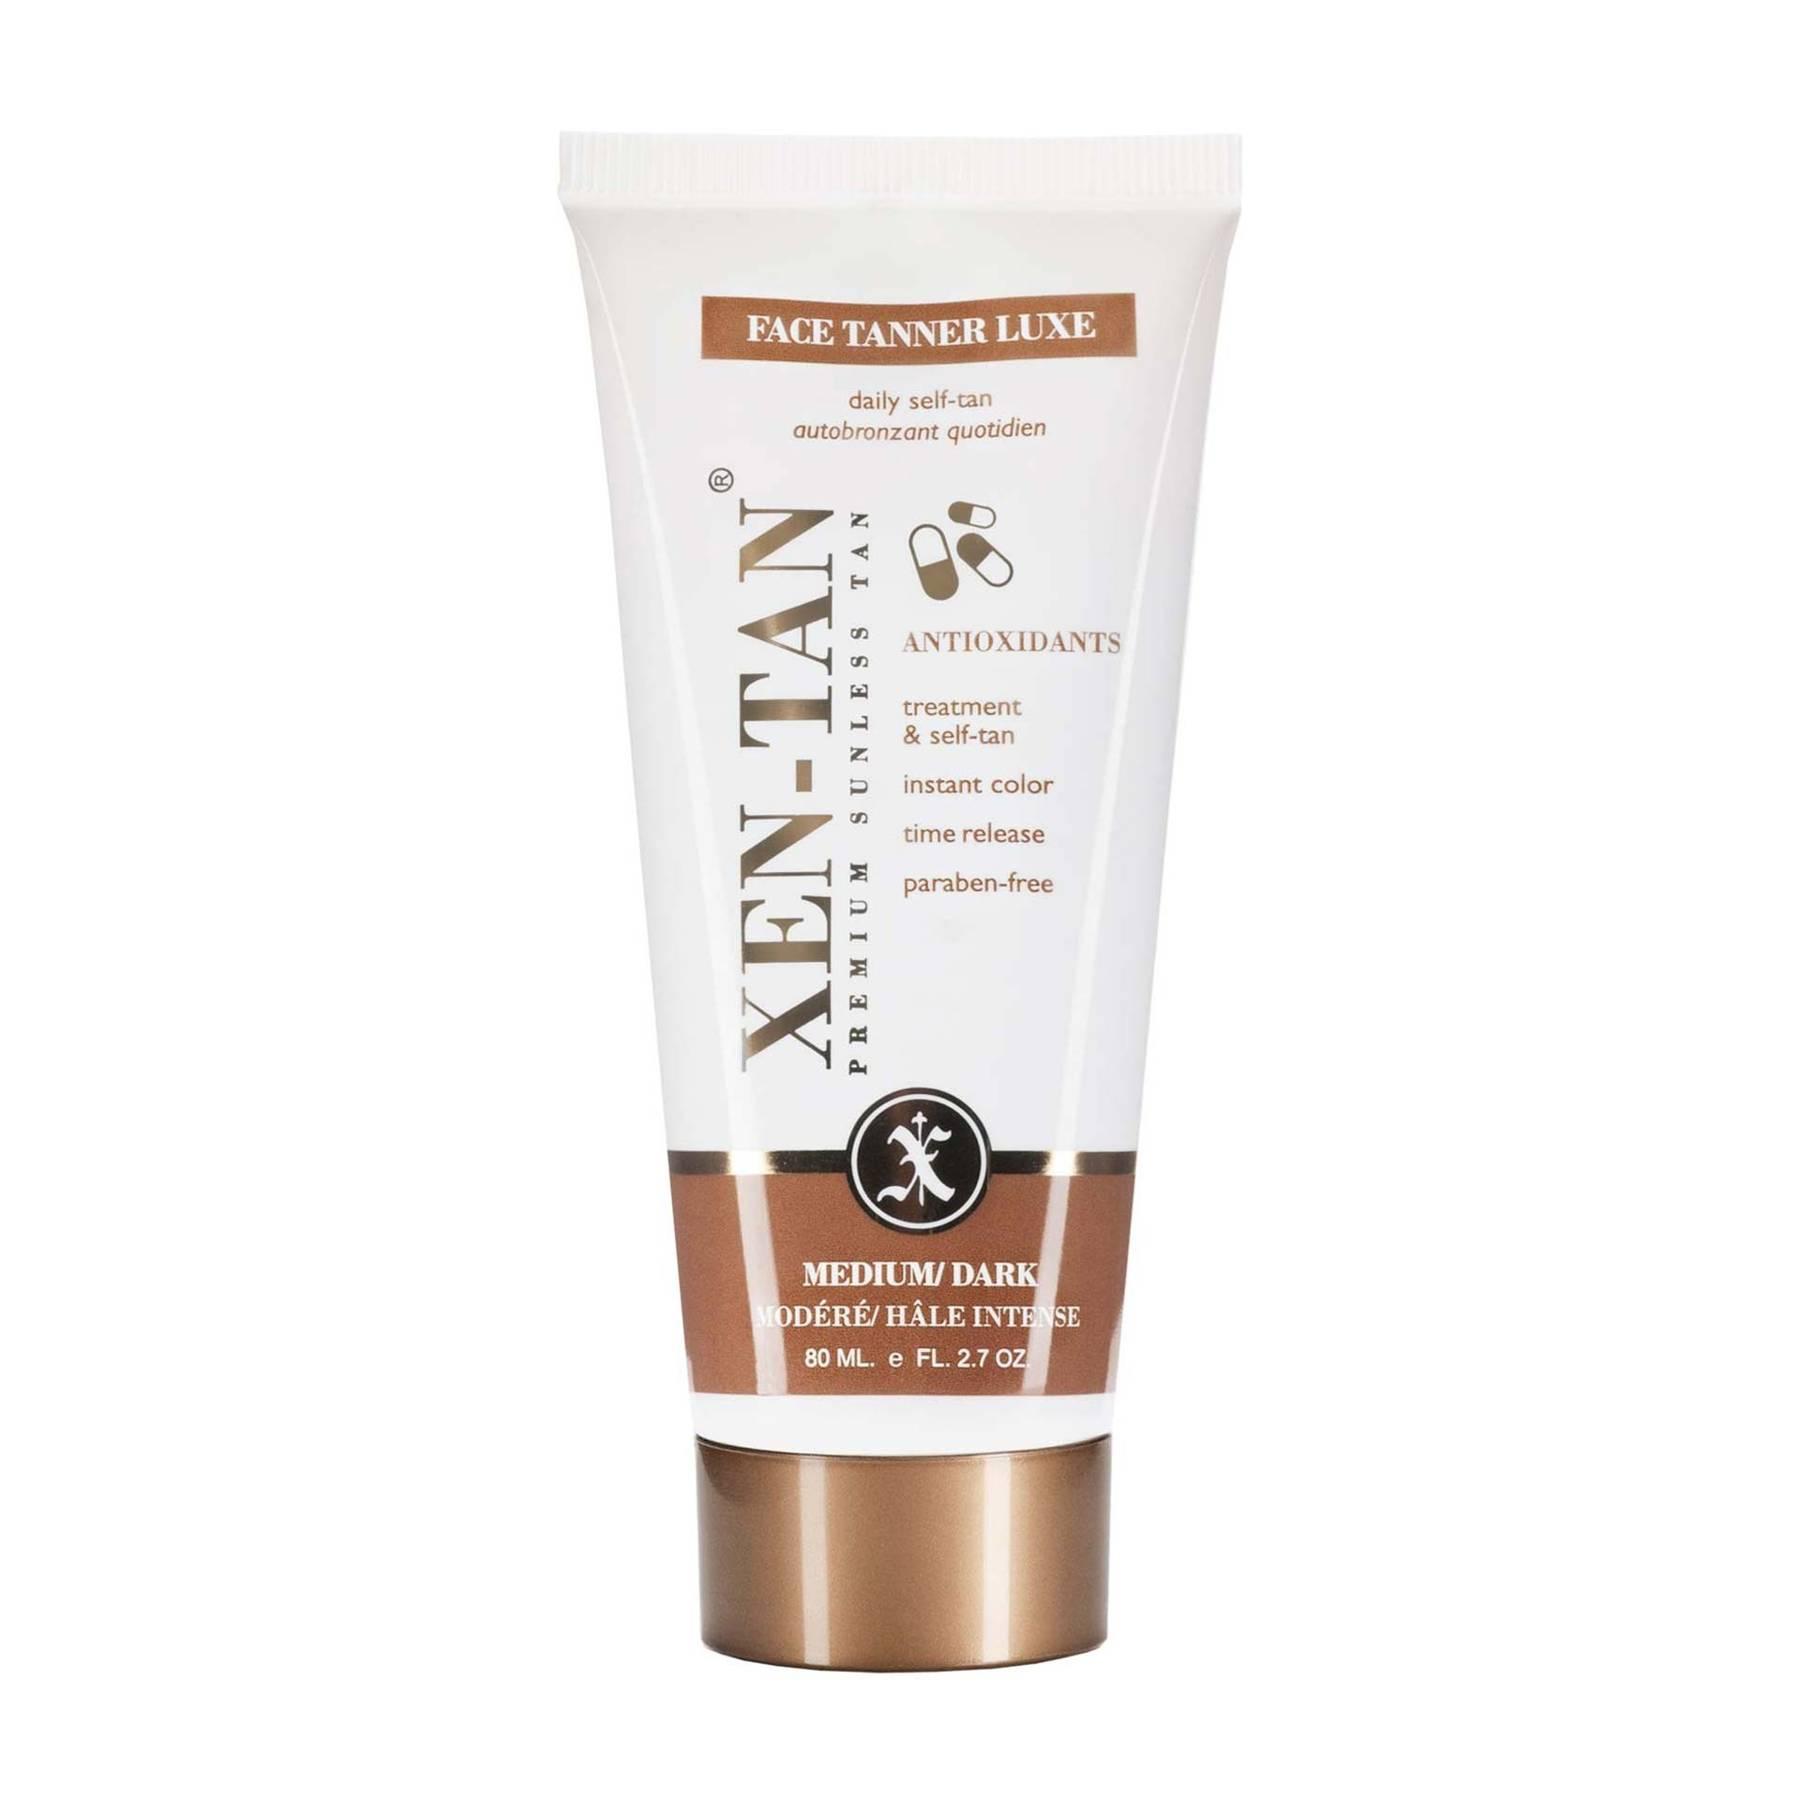 Facial tanning cream